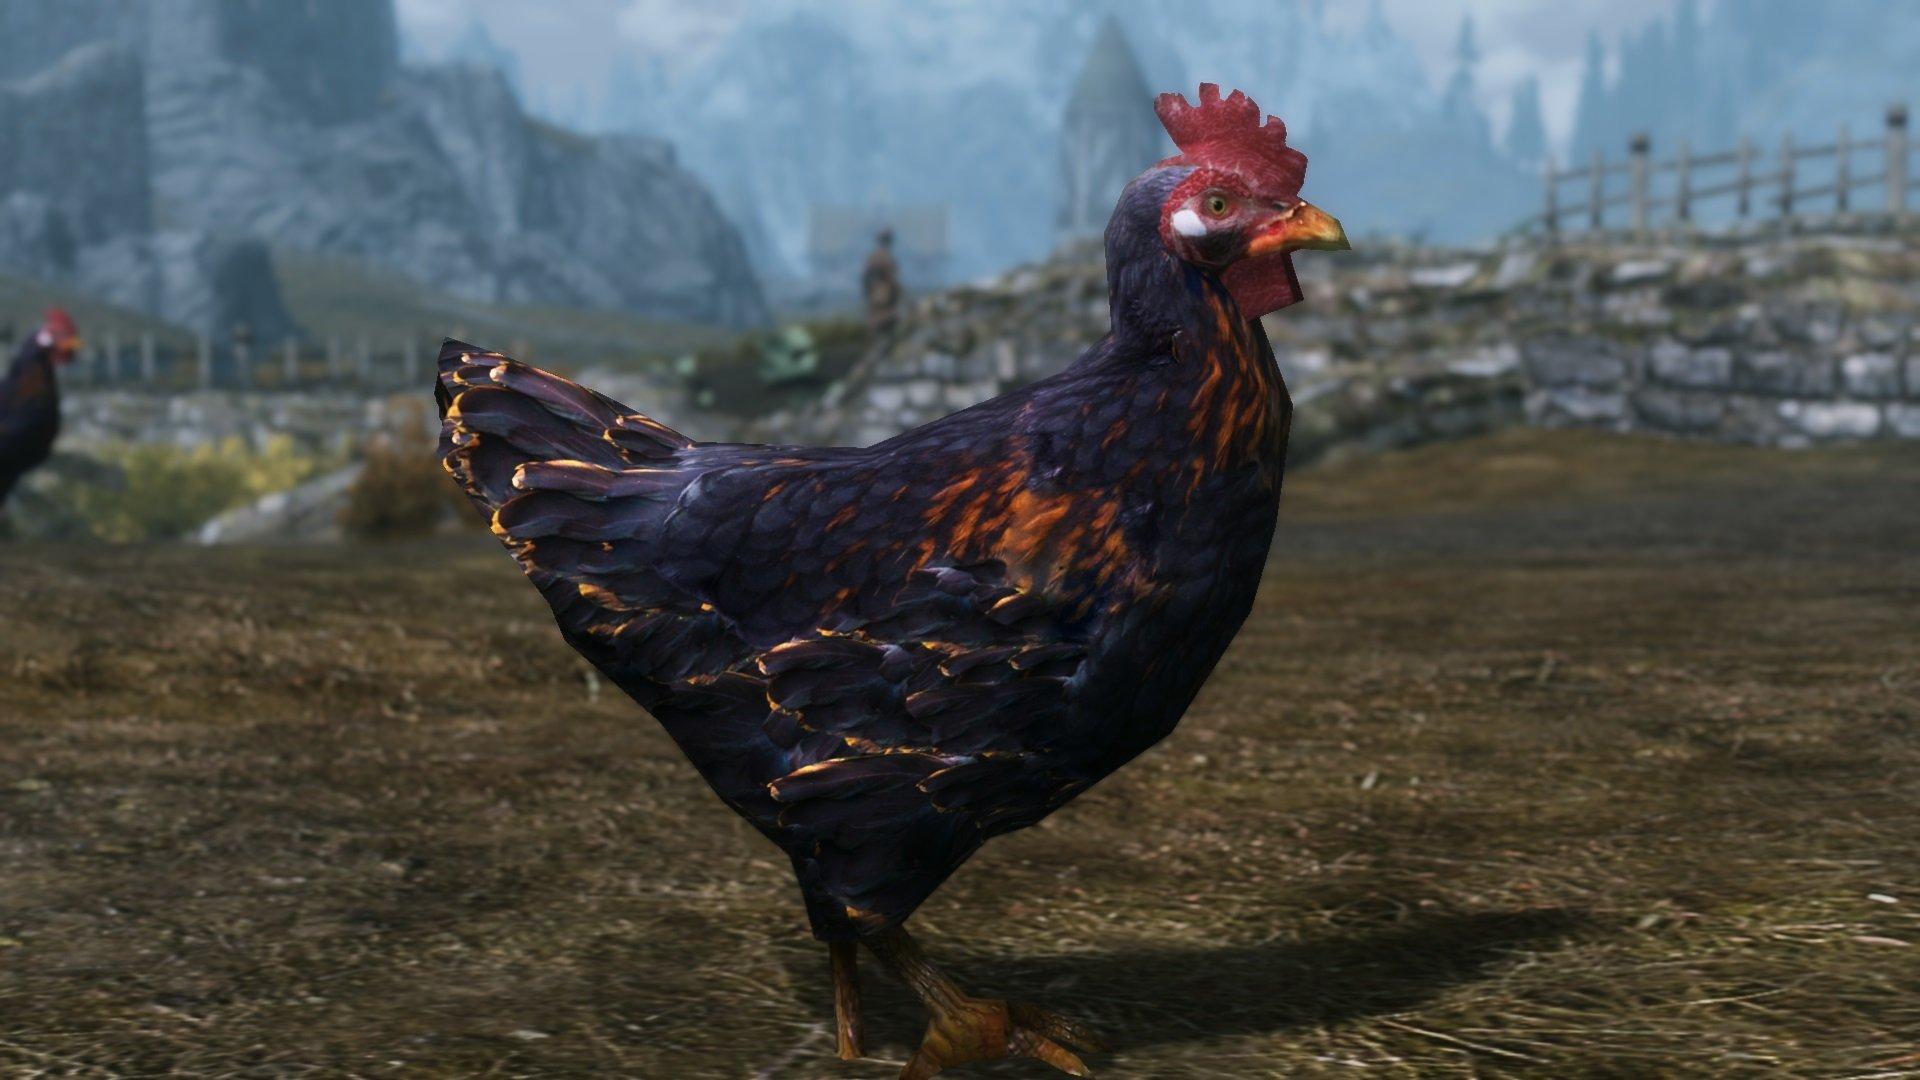 74084 8 1457445952 chicken HD